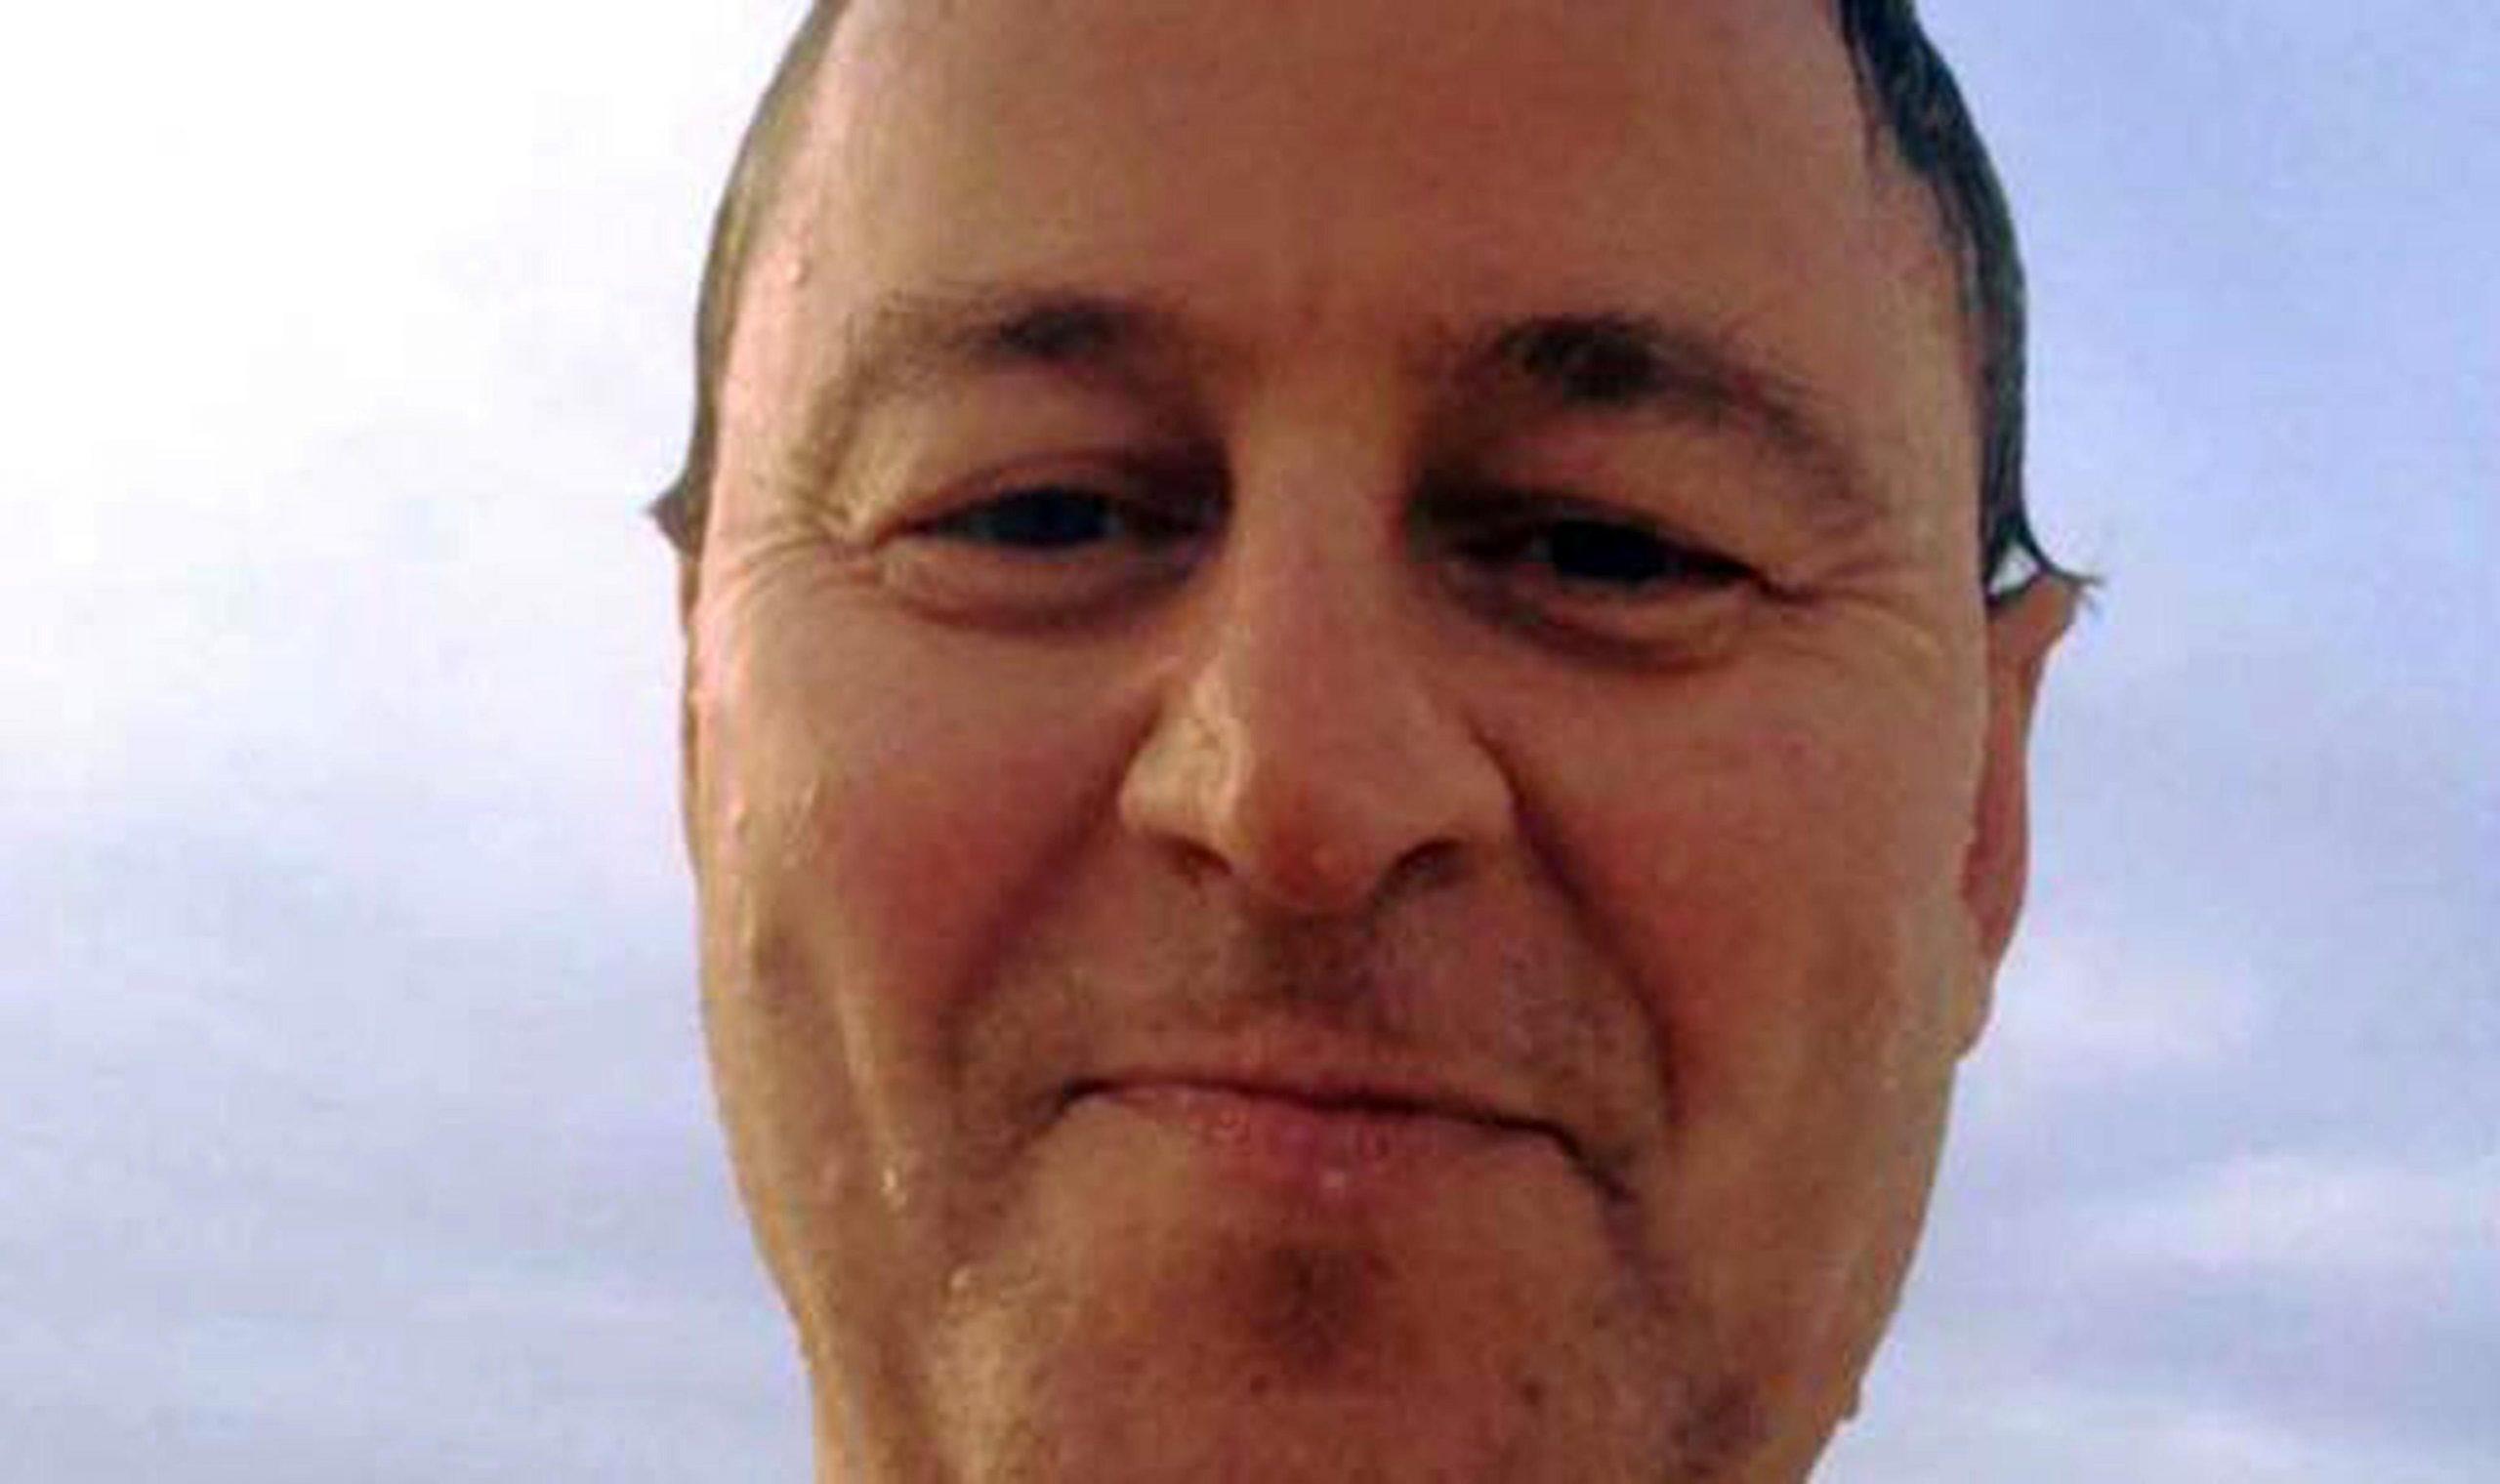 Manager trovato morto: deceduto da giorni, nessuno in casa